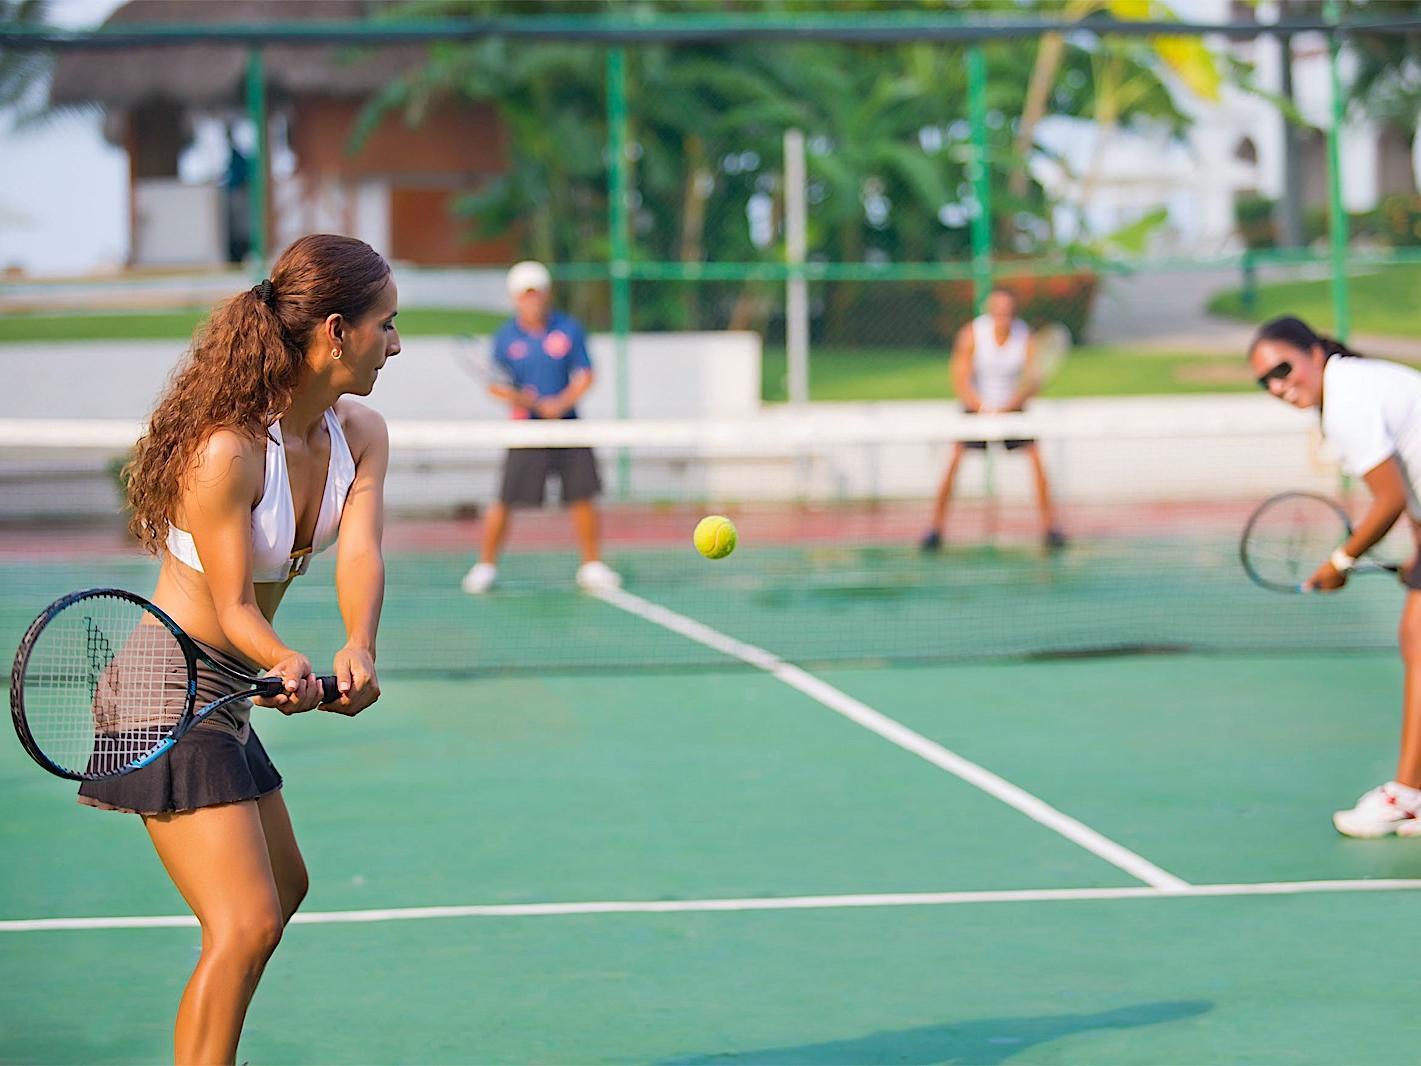 Gente jugando tenis